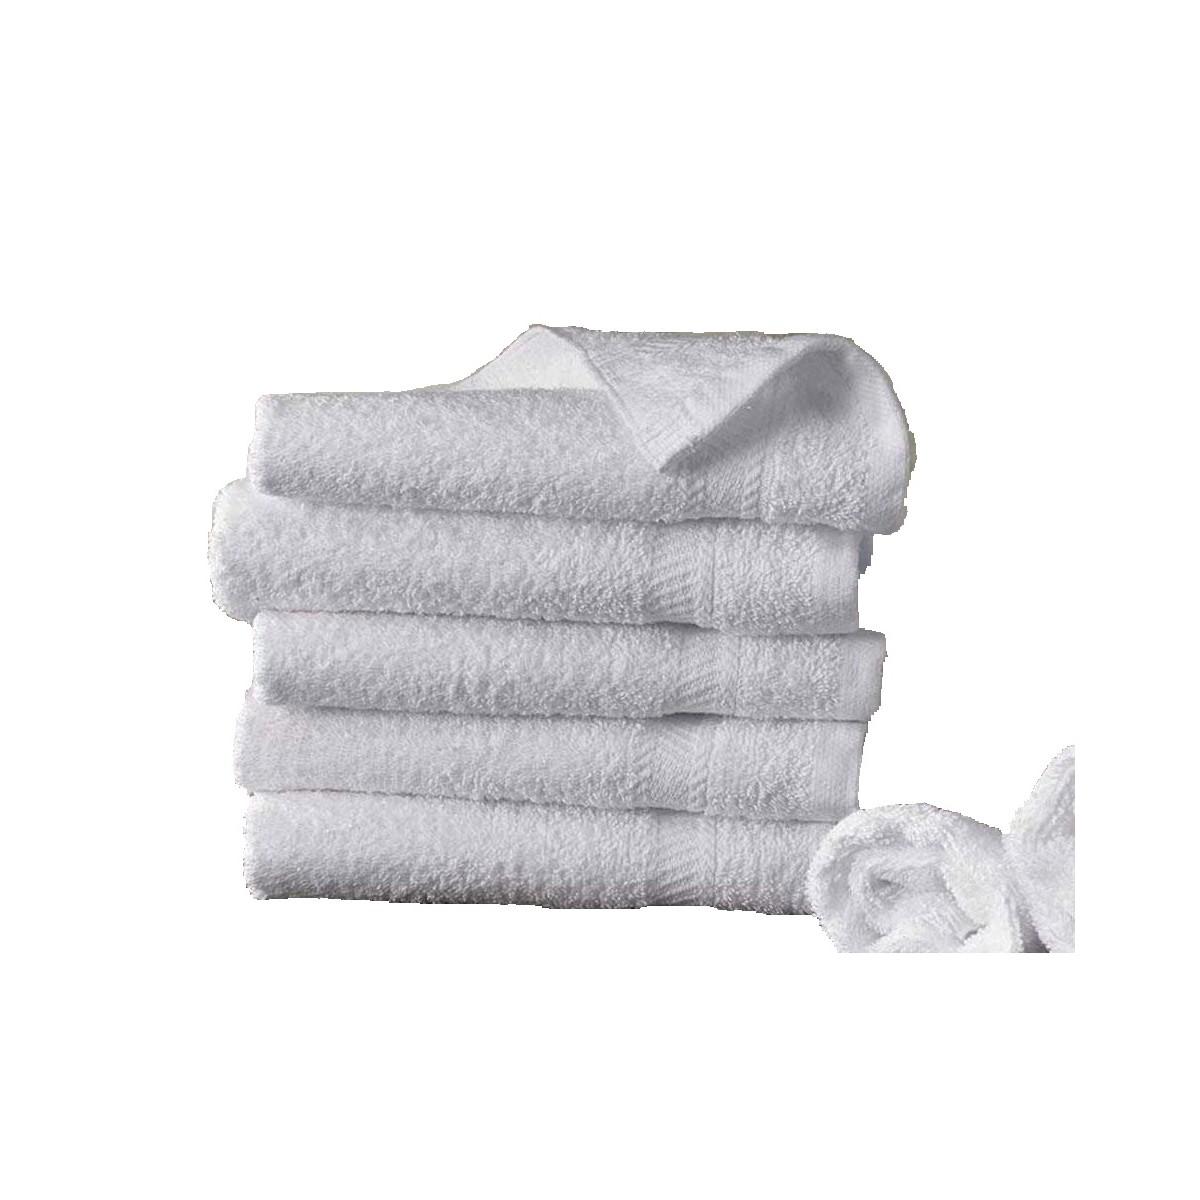 Drap de bain hôtel DIRECT USINE, serviette de bain pas cher, toilette,